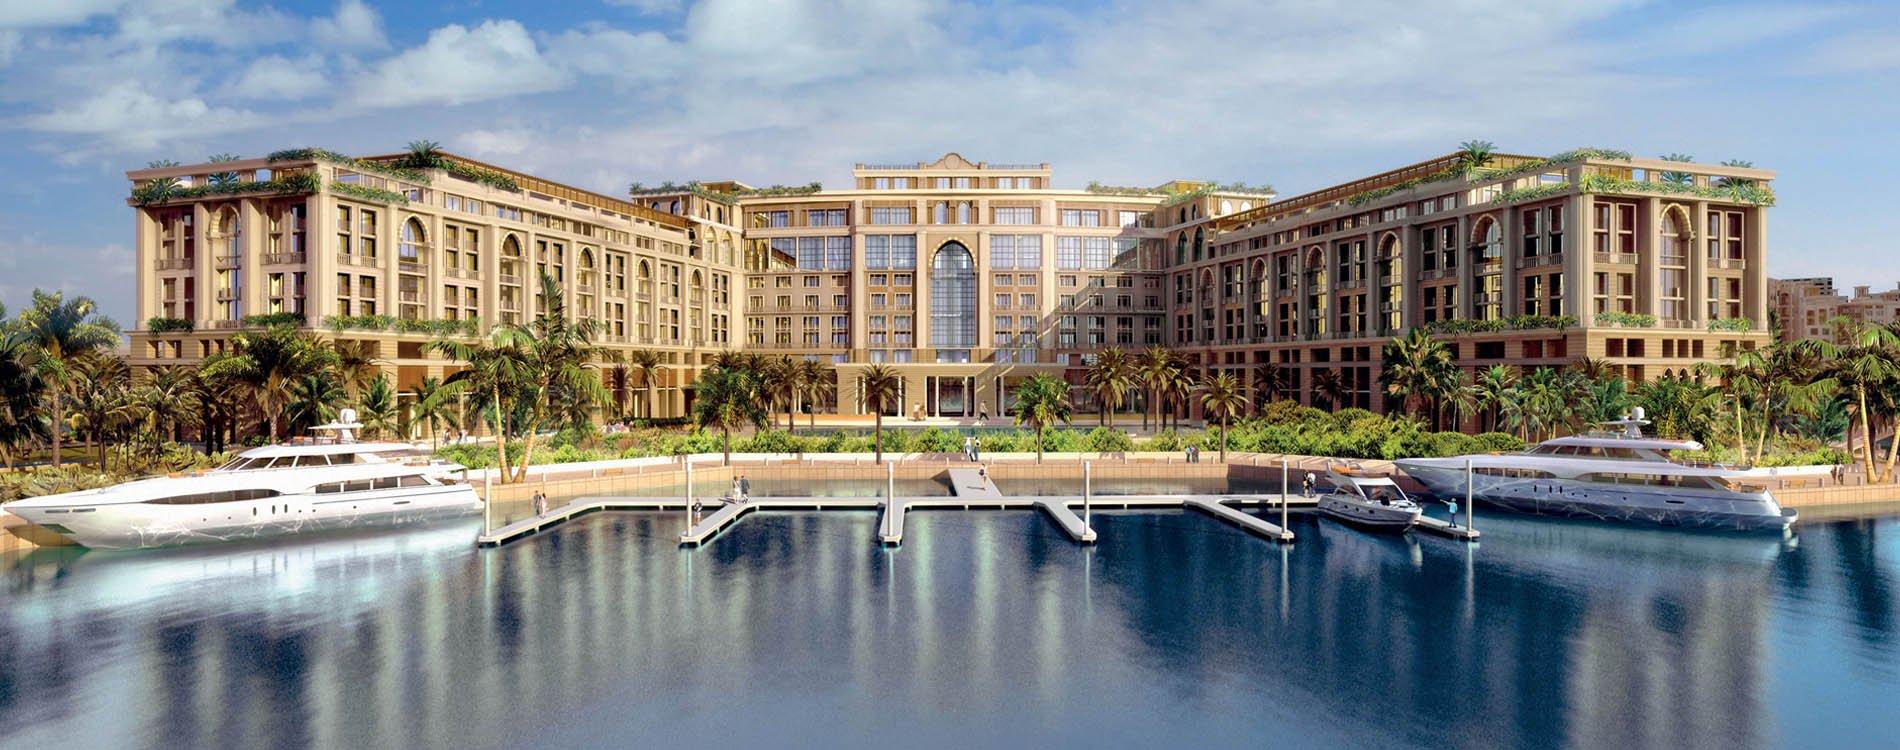 El nuevo palazzo versace abre sus puertas en 2016 en dubai for Most expensive hotel in dubai 2016